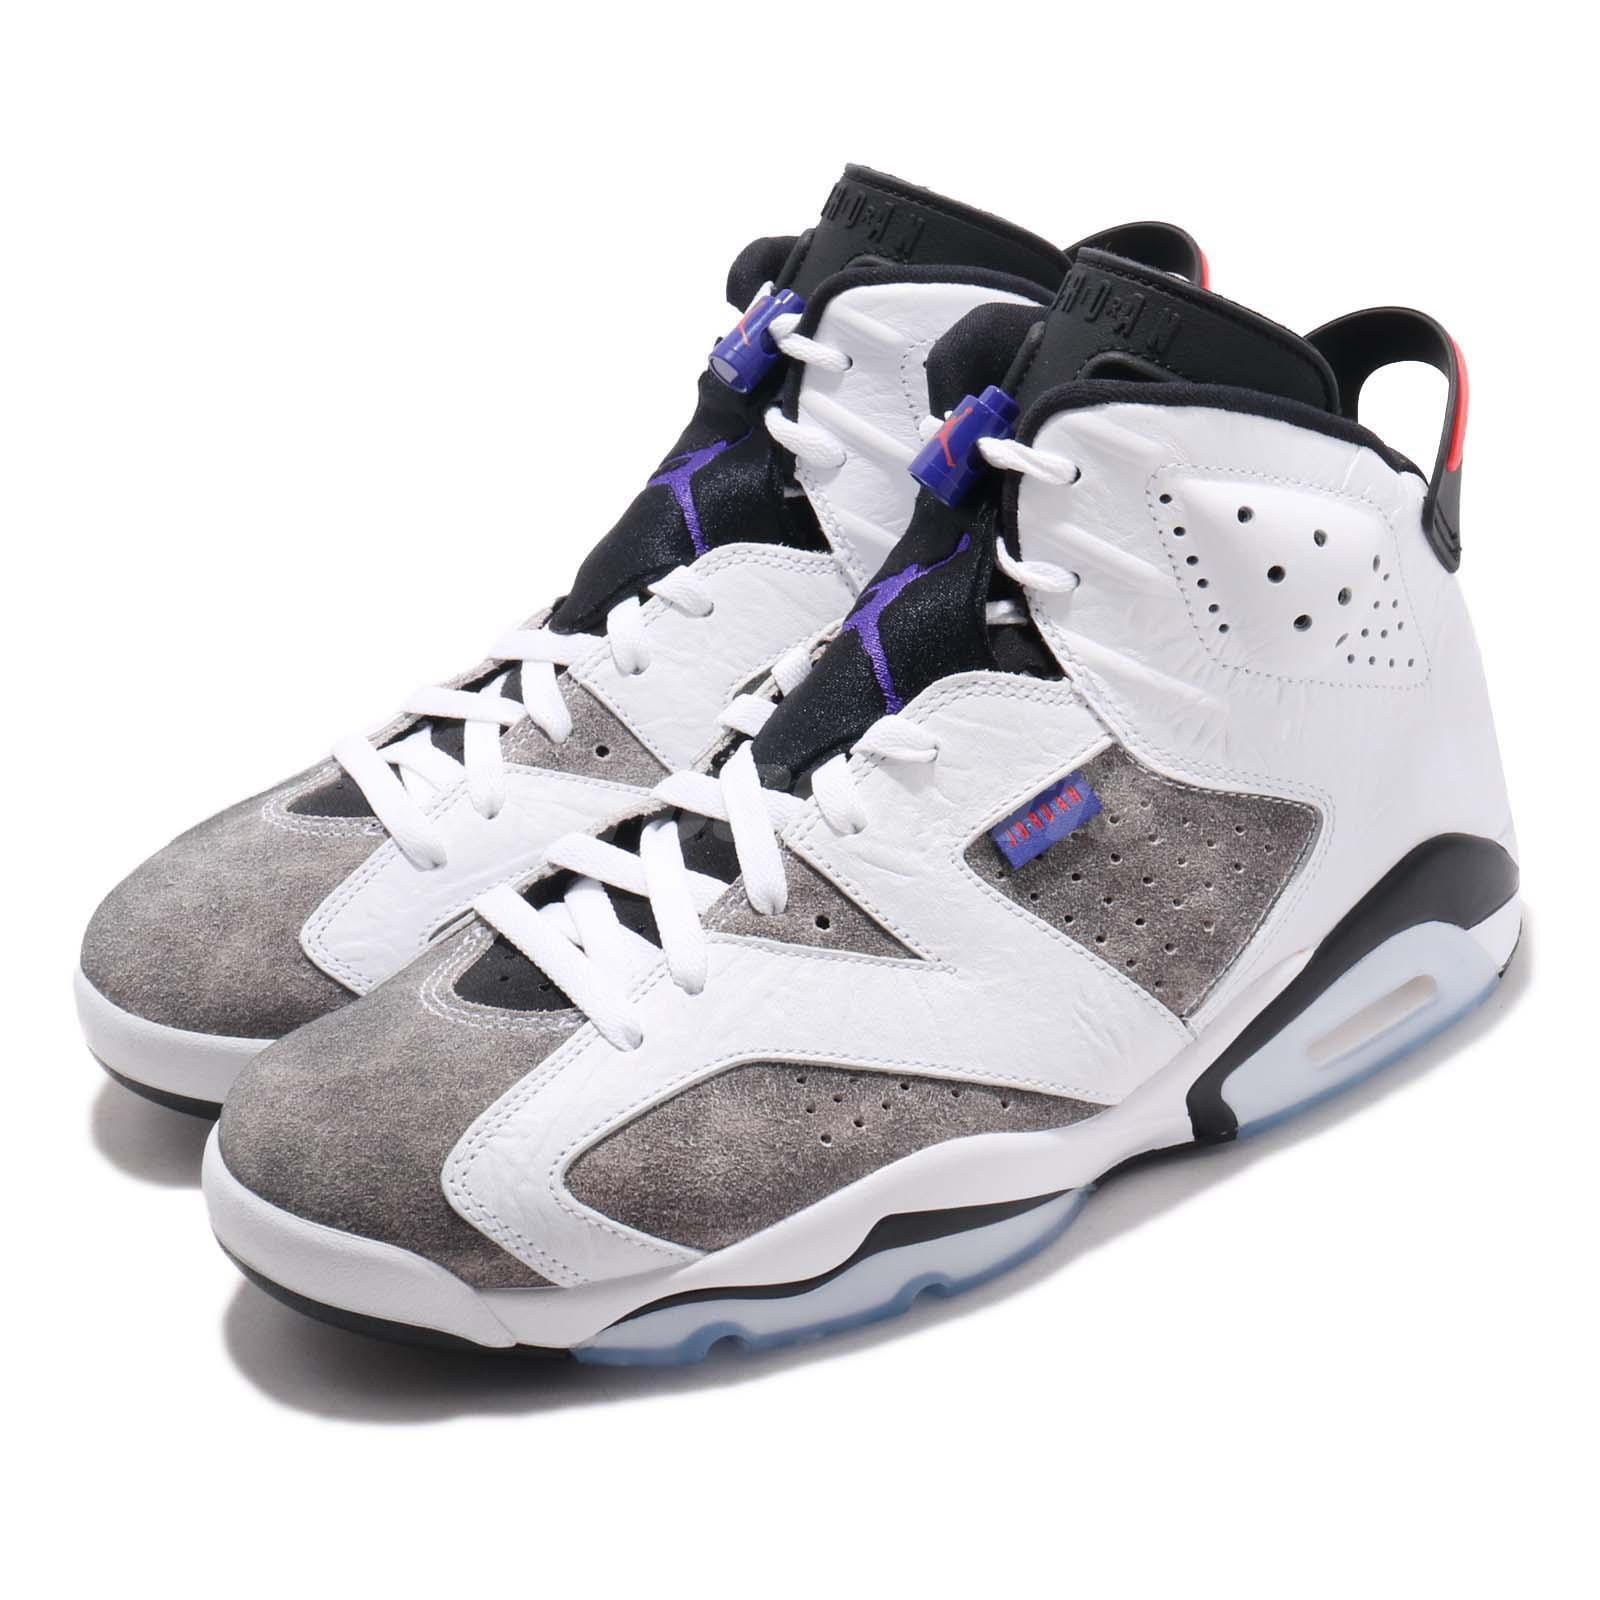 Nike air jordan 6 retro vi aj6 flint bianca infrarossi 23 uomini scarpe ci3125-100   Distinctive    Uomo/Donna Scarpa